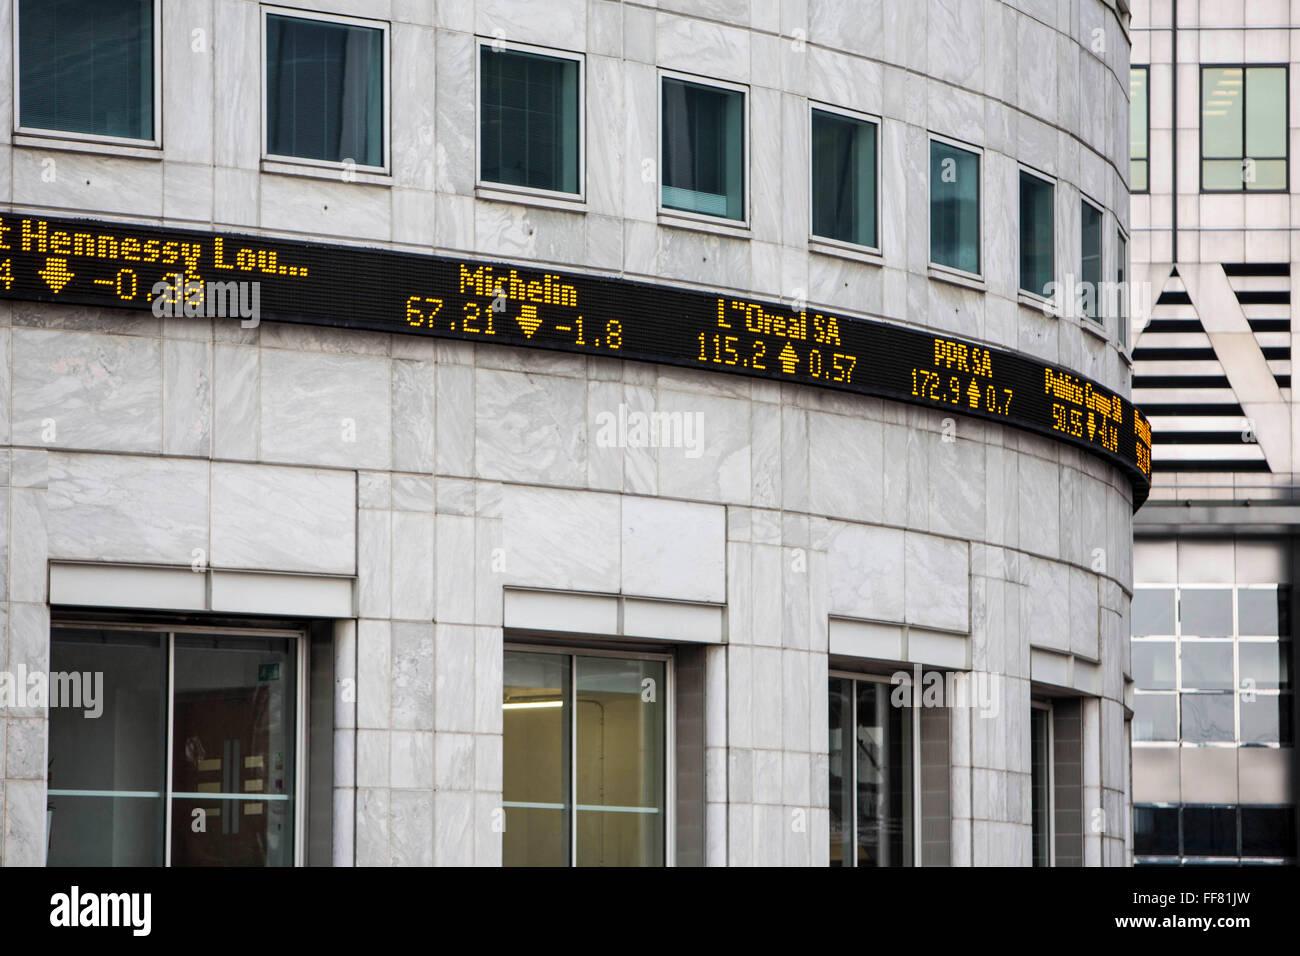 7c3aaa412e L'indice FTSE 100 ticker sul lato di Thompson Reuters building, Canary  Wharf, London, England, Regno Unito. Il FTSE è un indice azionario delle 100  società ...